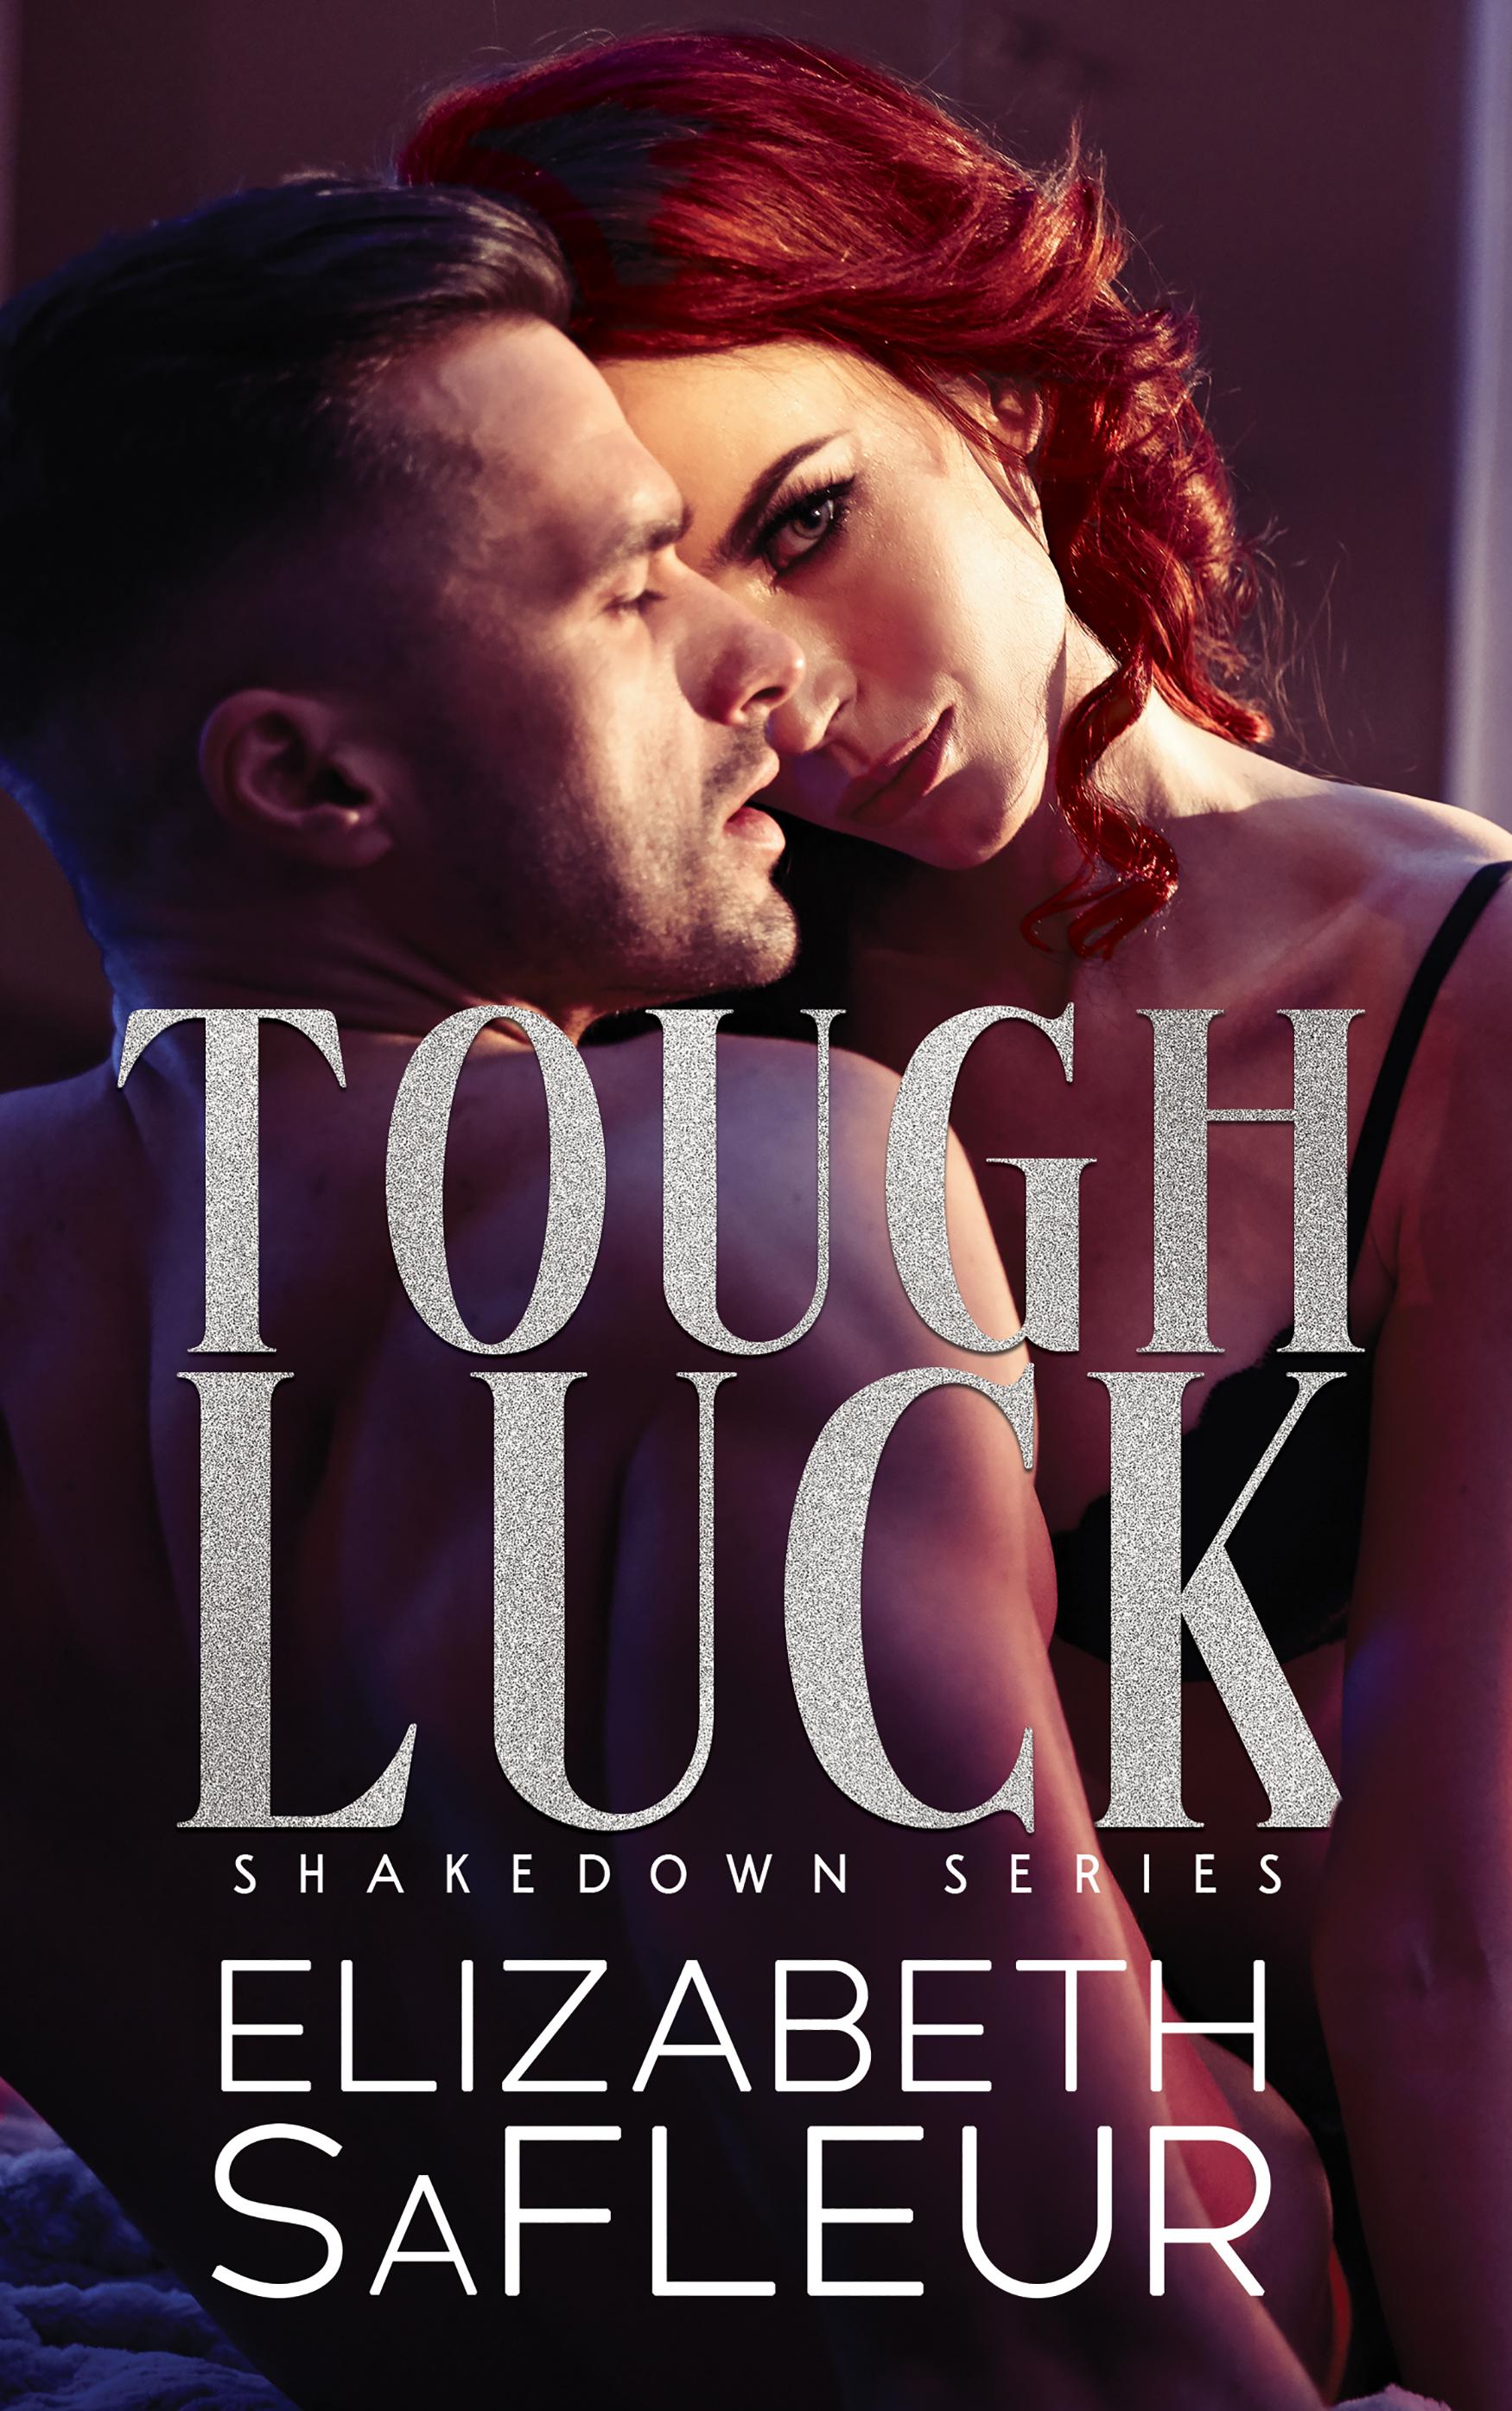 [PDF] [EPUB] Tough Luck (Shakedown #1) Download by Elizabeth SaFleur